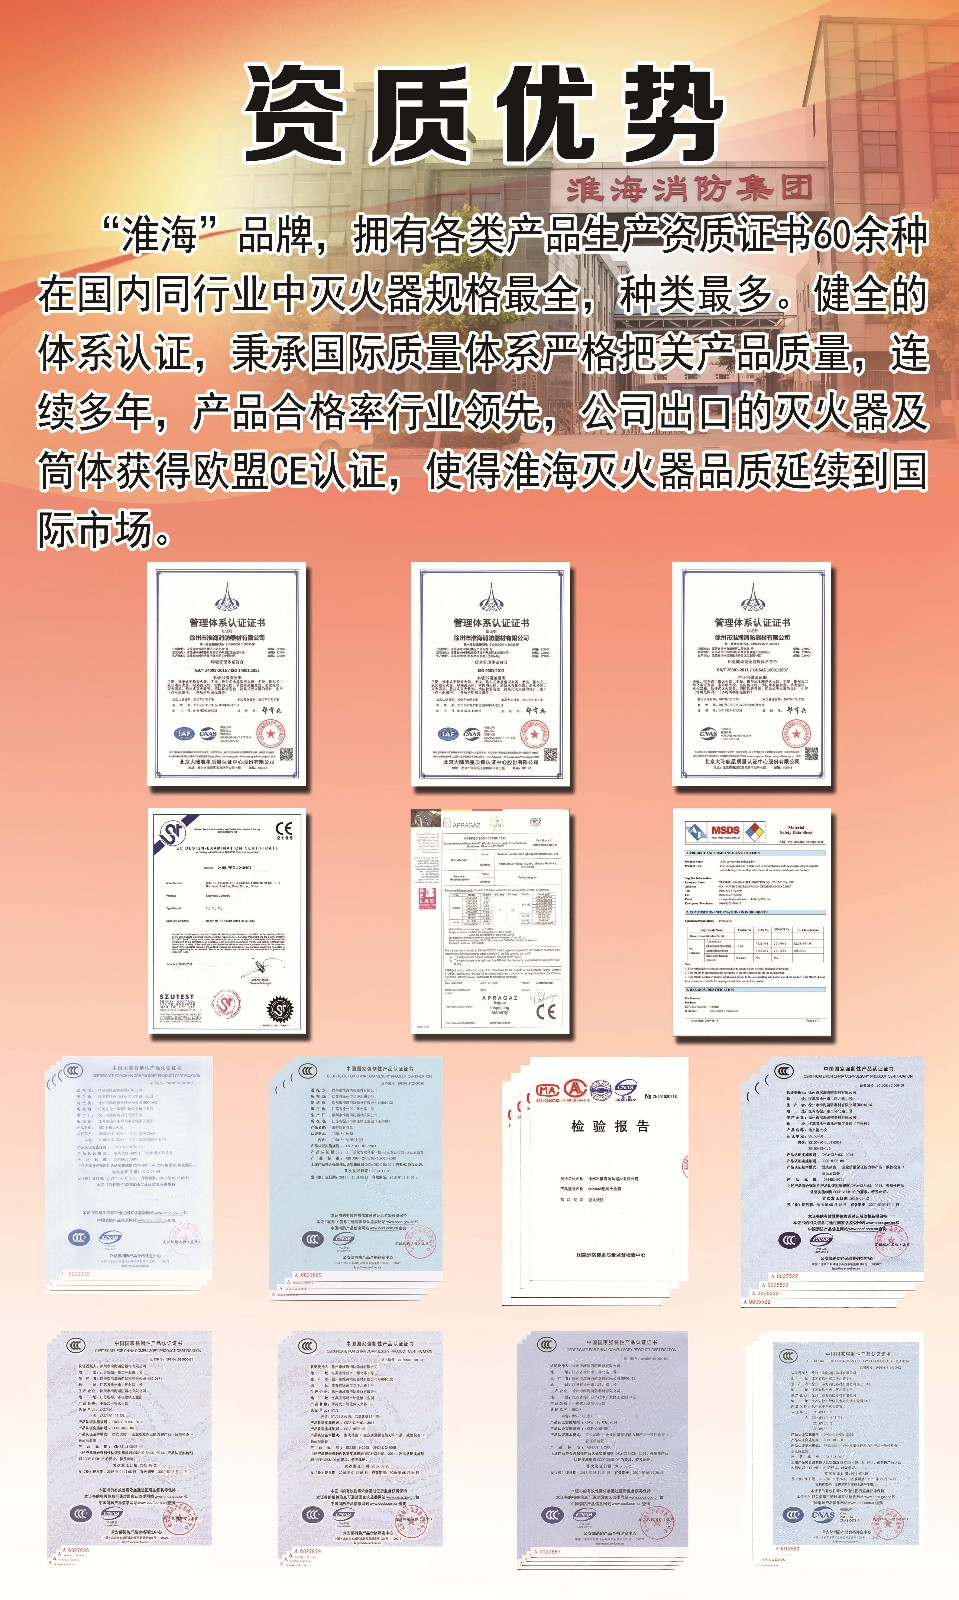 淮海消防公司介绍|公司新闻-徐州市淮海消防器材有限公司